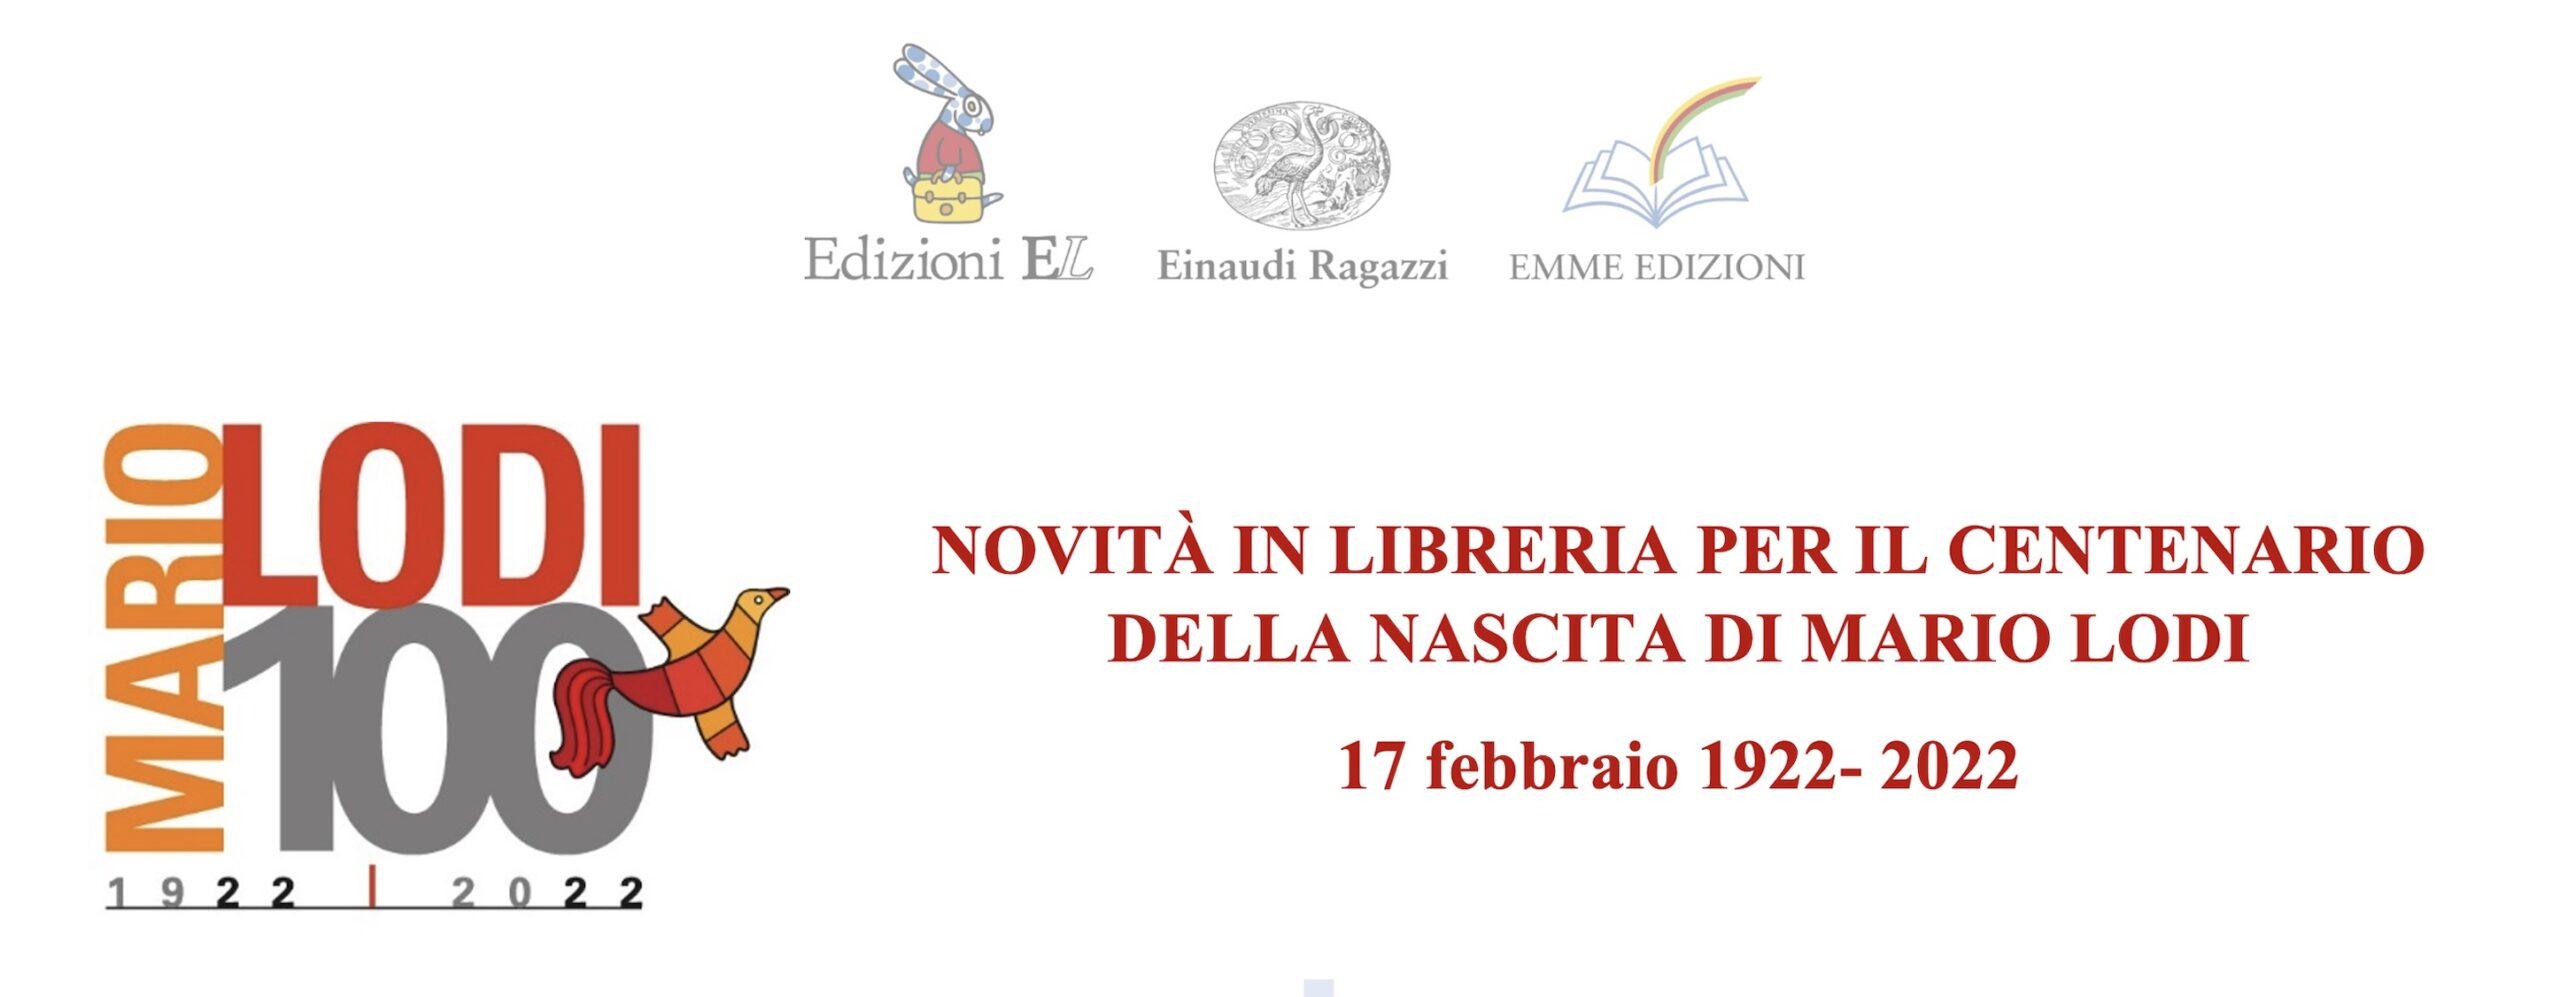 Novità in libreria di Einaudi Ragazzi